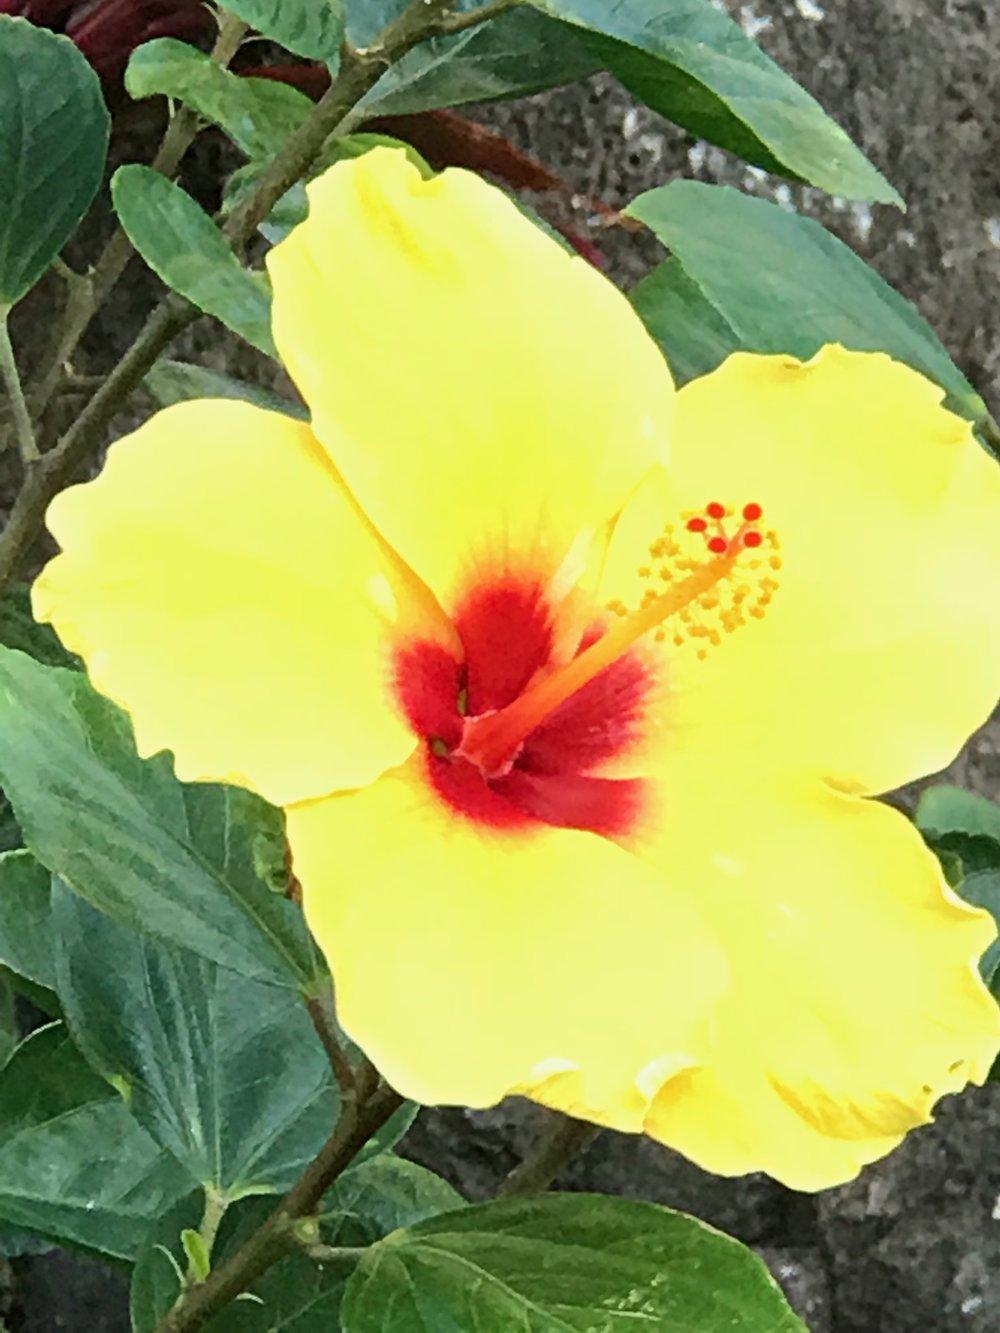 Yellow Hibiscus state flowerIMG_4570.jpg*.jpg